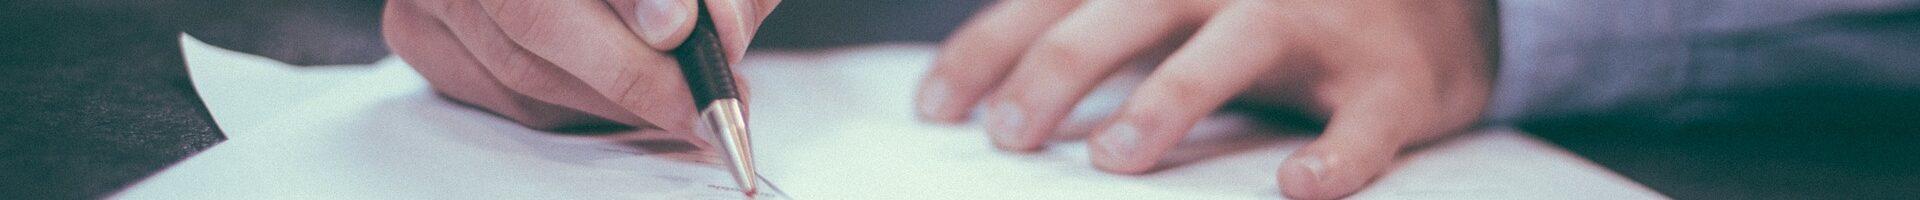 Соглашение о конфиденциальности персональной информации